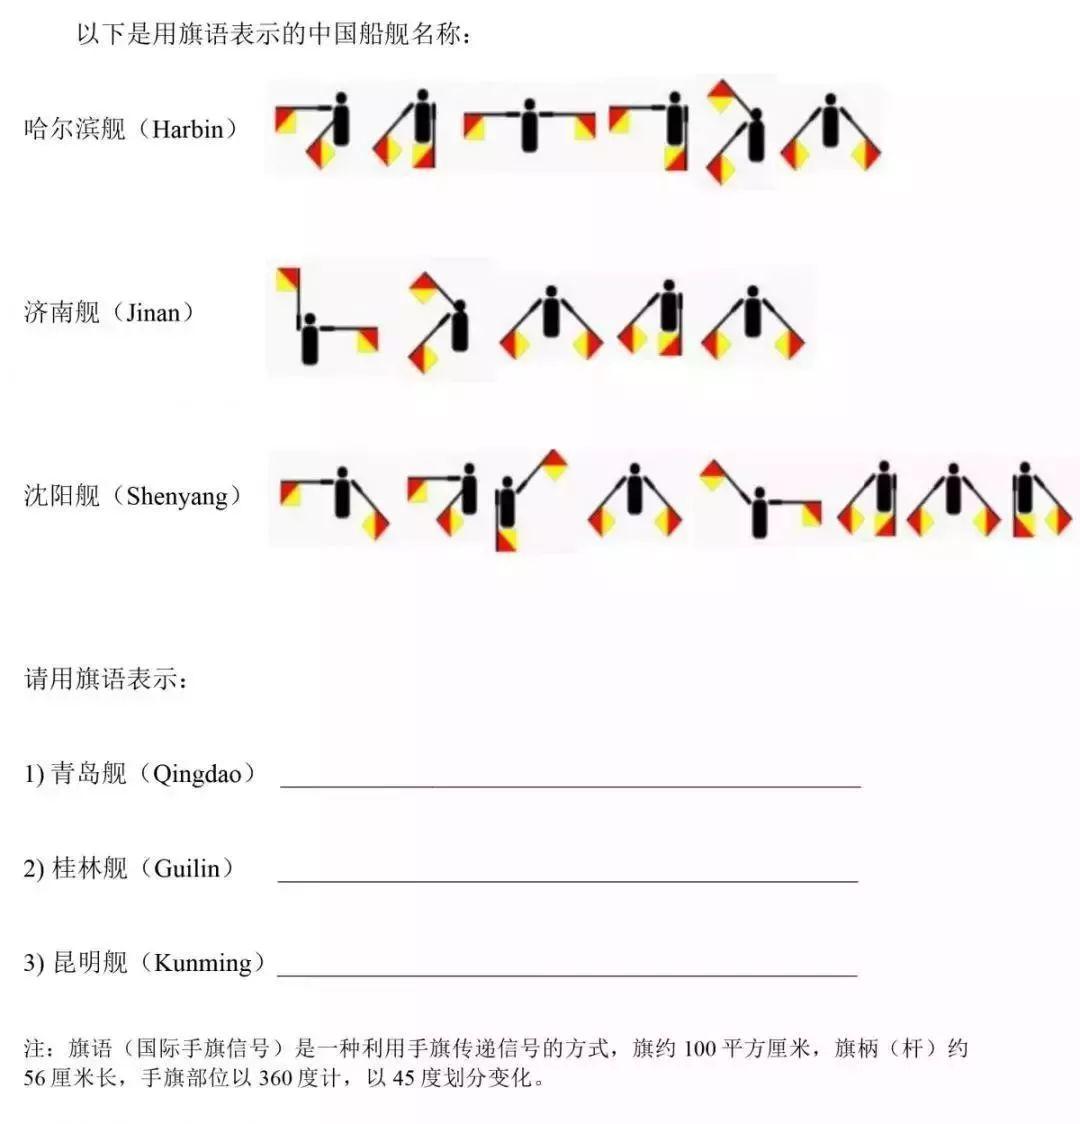 IOL2020 | 国际语言学奥林匹克中国区初选火热报名中